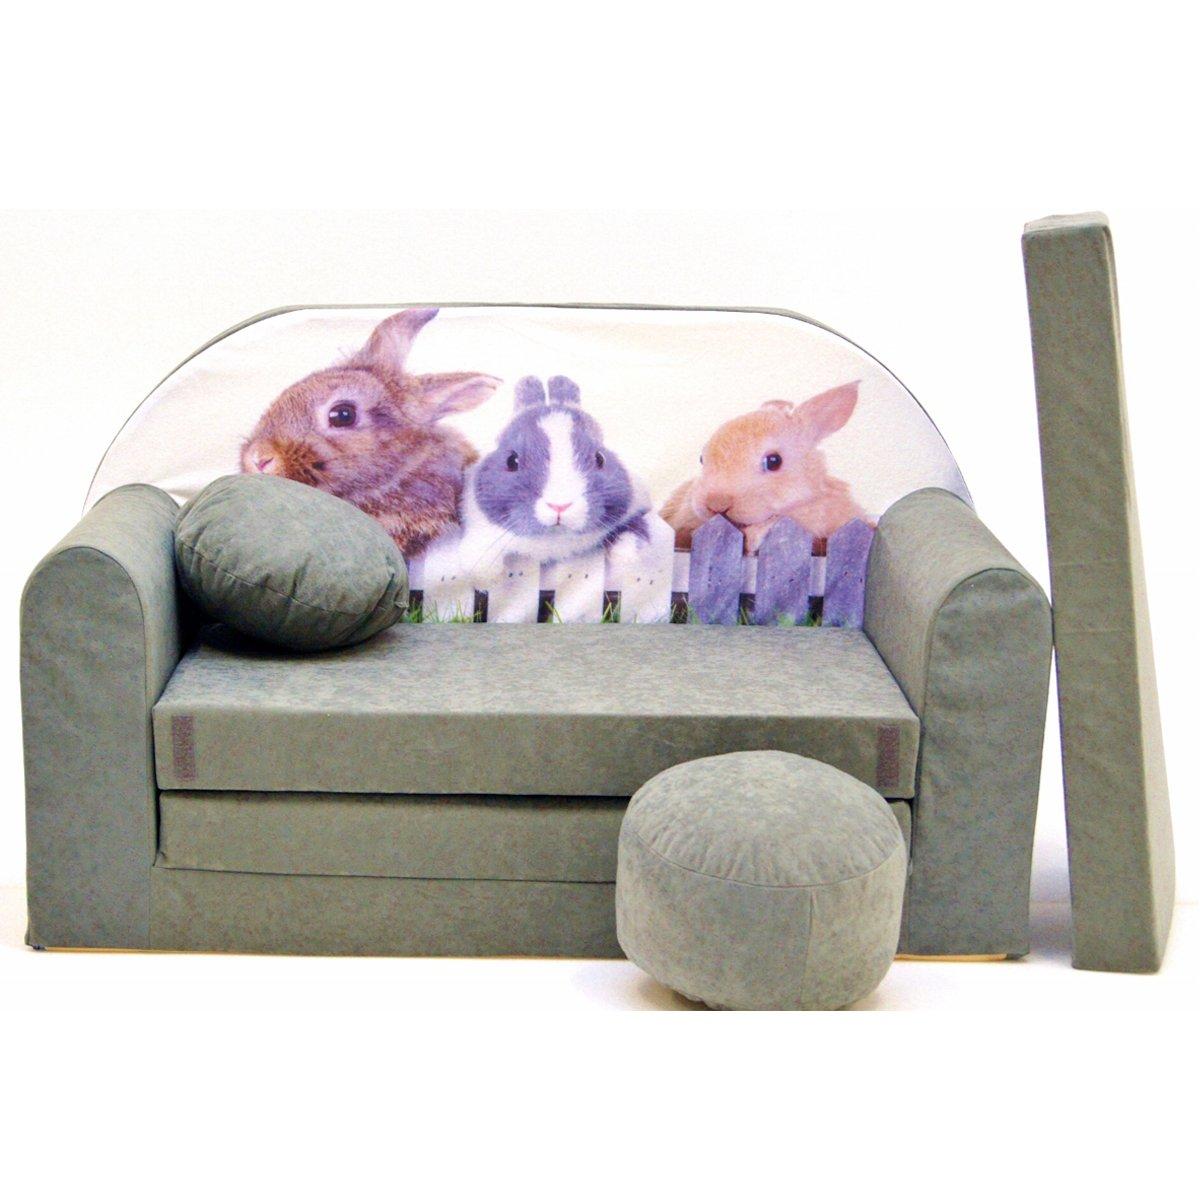 A25�bambini divano pieghevole divano letto divano sofa Mini Couch 3�in 1�Baby Set + sedia per bambin